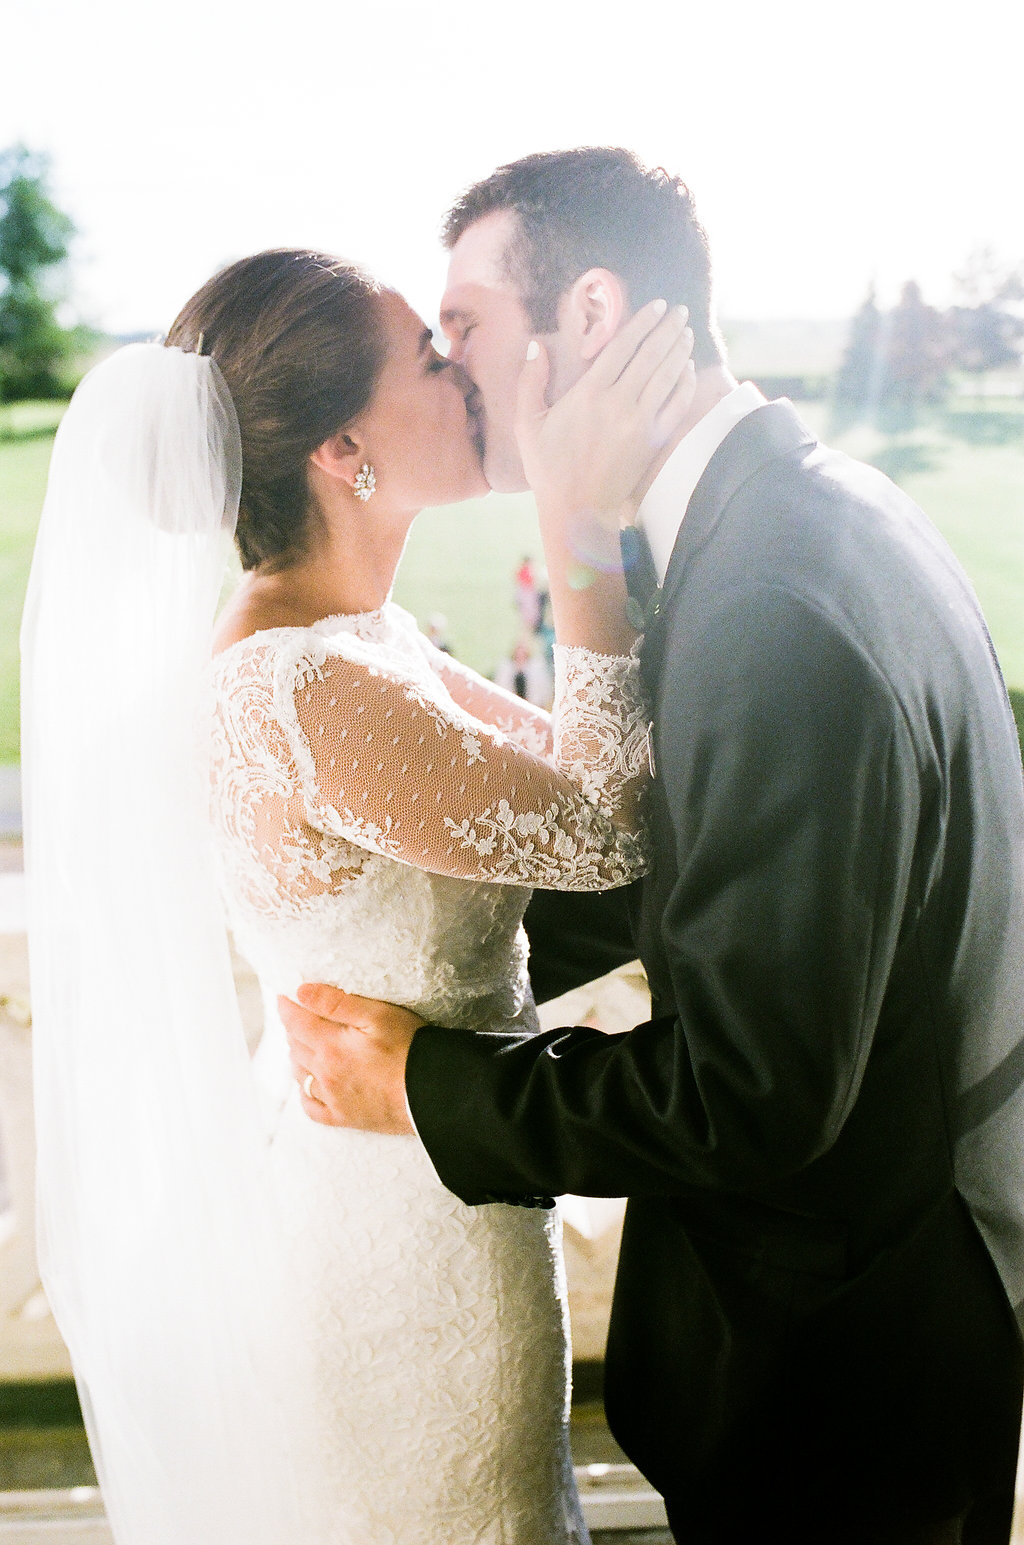 Report de mariage : comment faire?